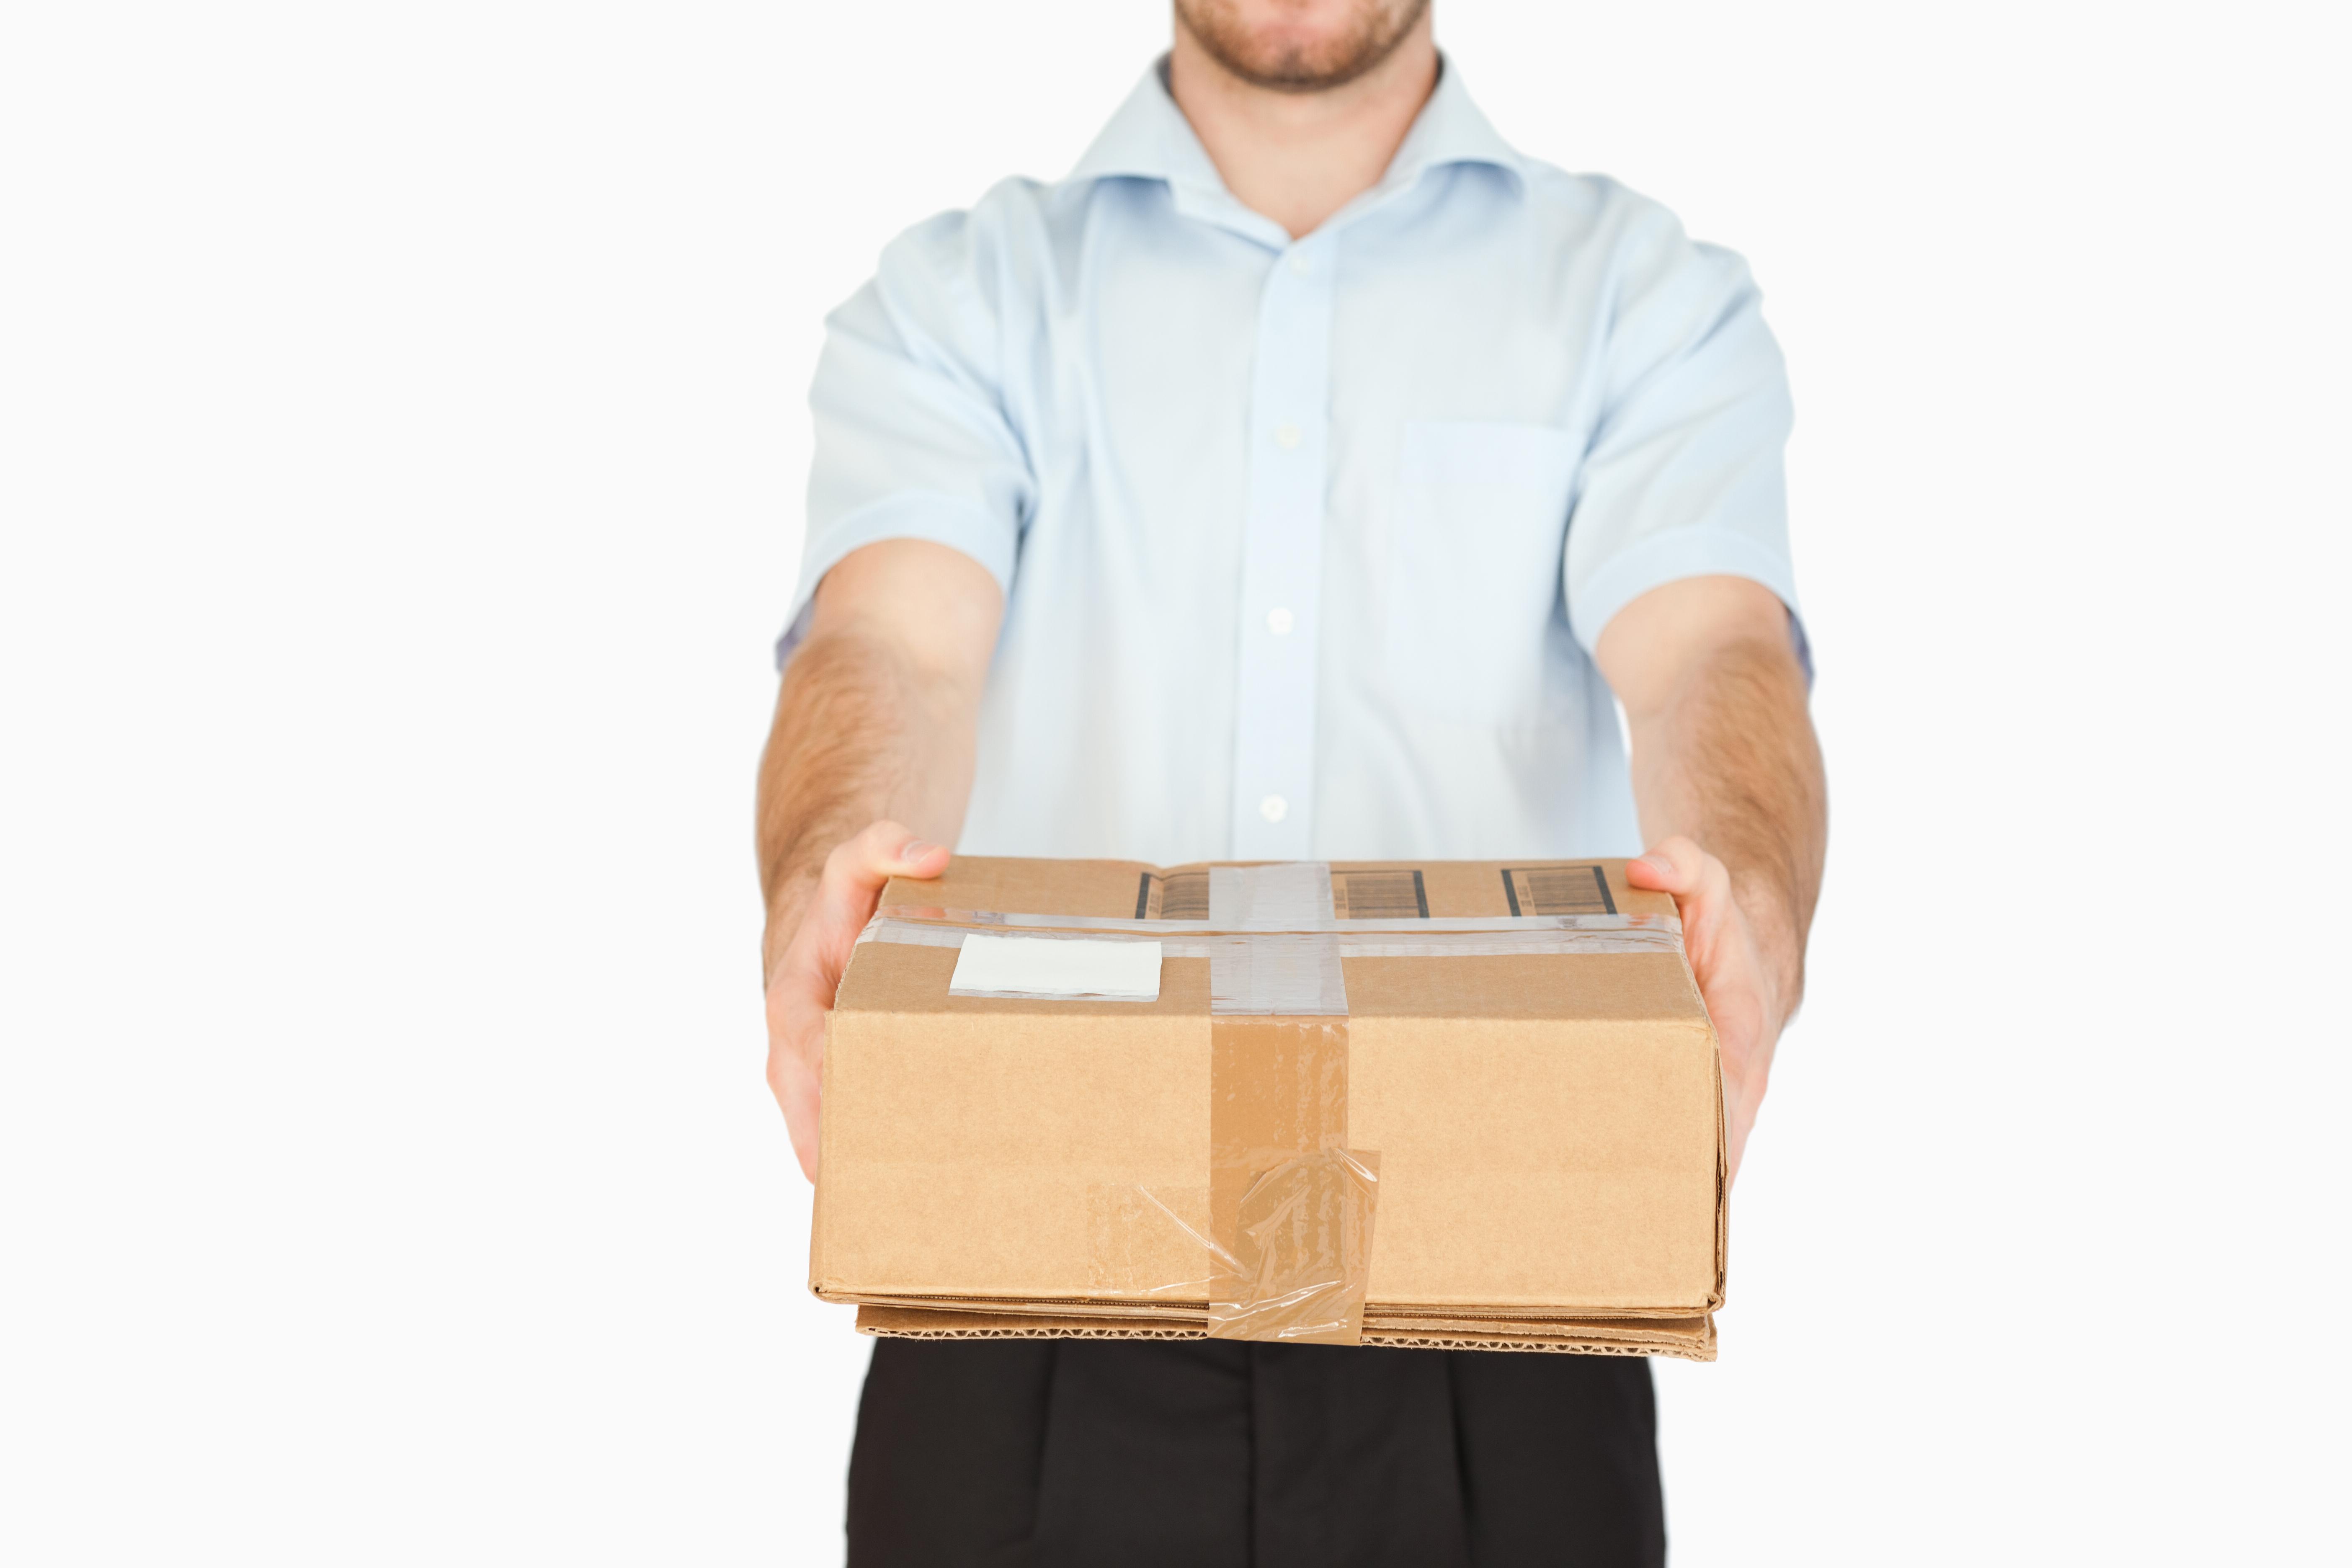 Zwrot towaru, który nie był przedmiotem umowy sprzedaży. Co powinien zrobić sprzedawca?